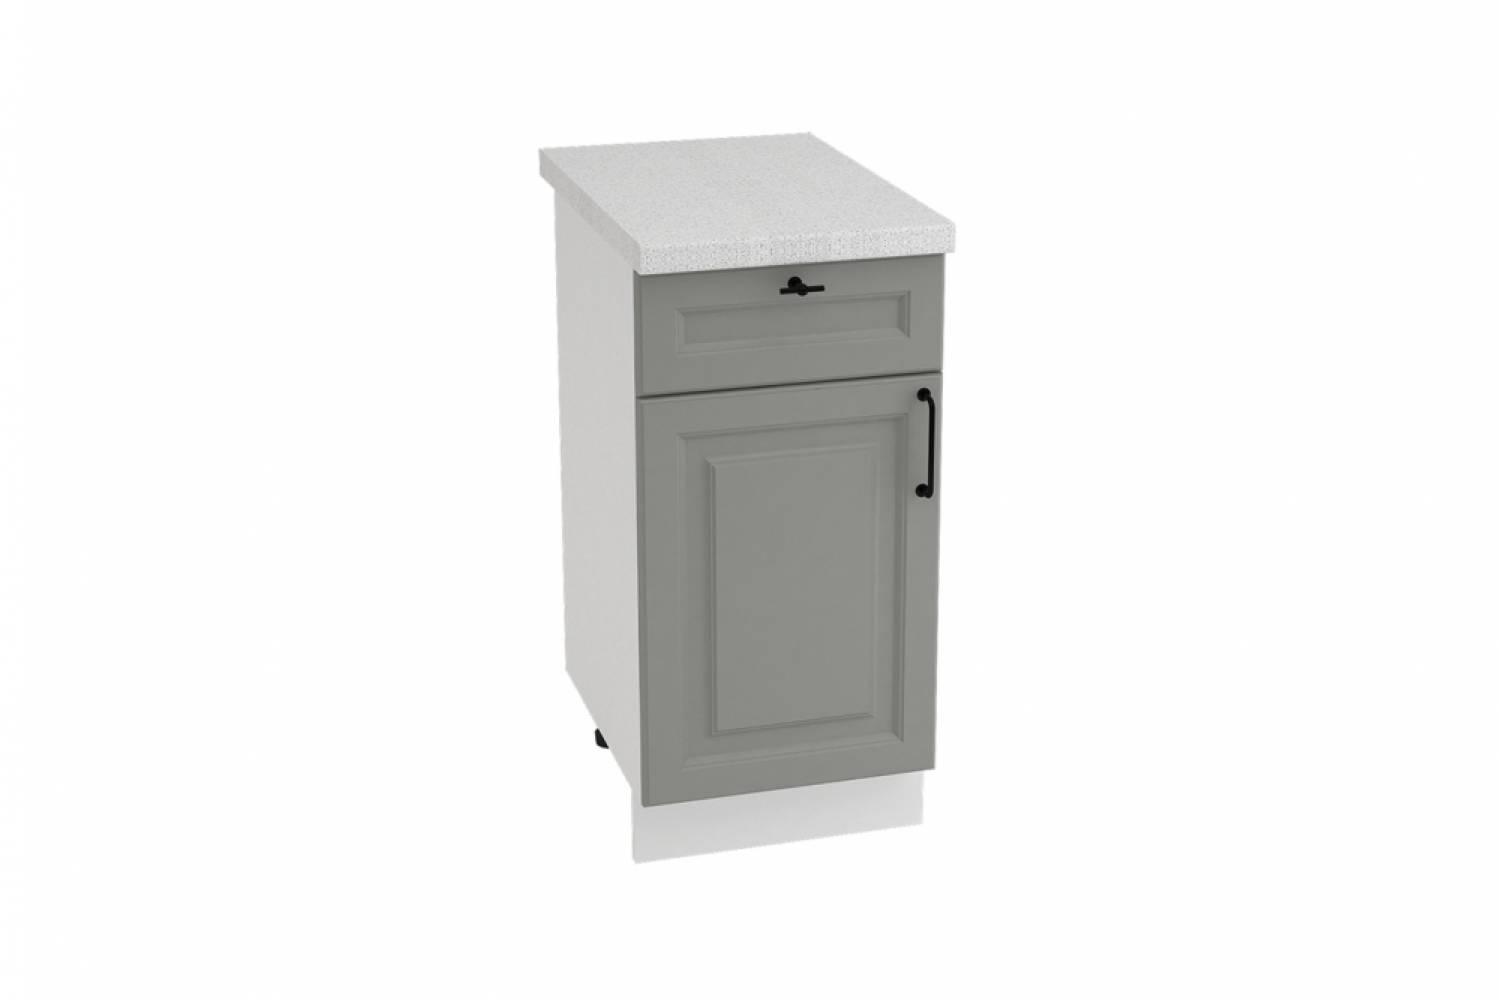 Шкаф нижний с 1 ящиком ШН1Я 400 НИЦЦА ROYAL (MAGNUM) 400 мм